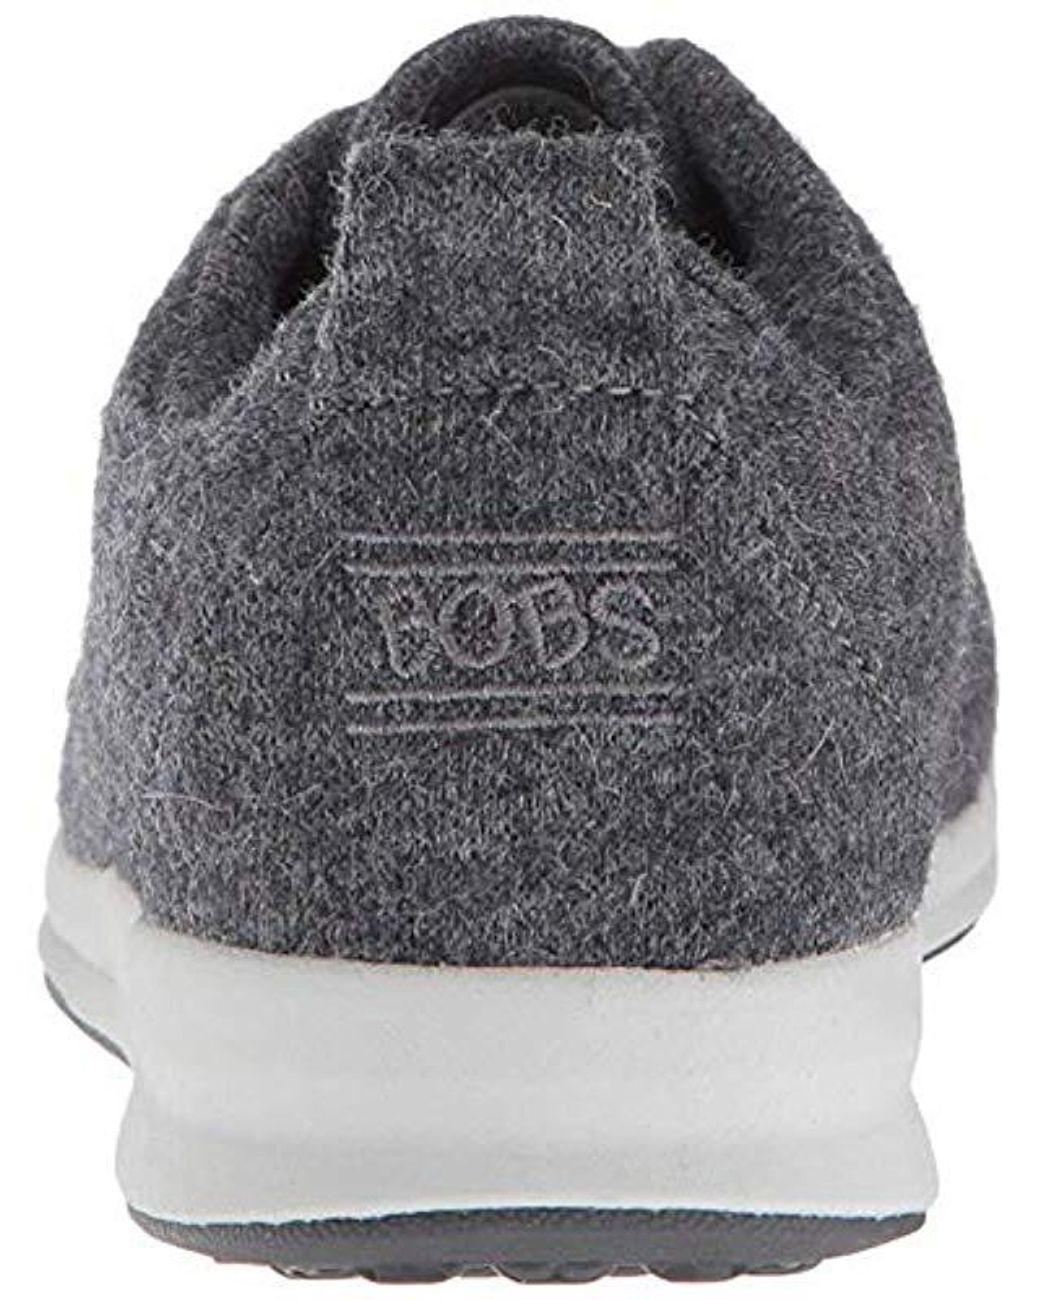 skechers bobs memory foam black 45